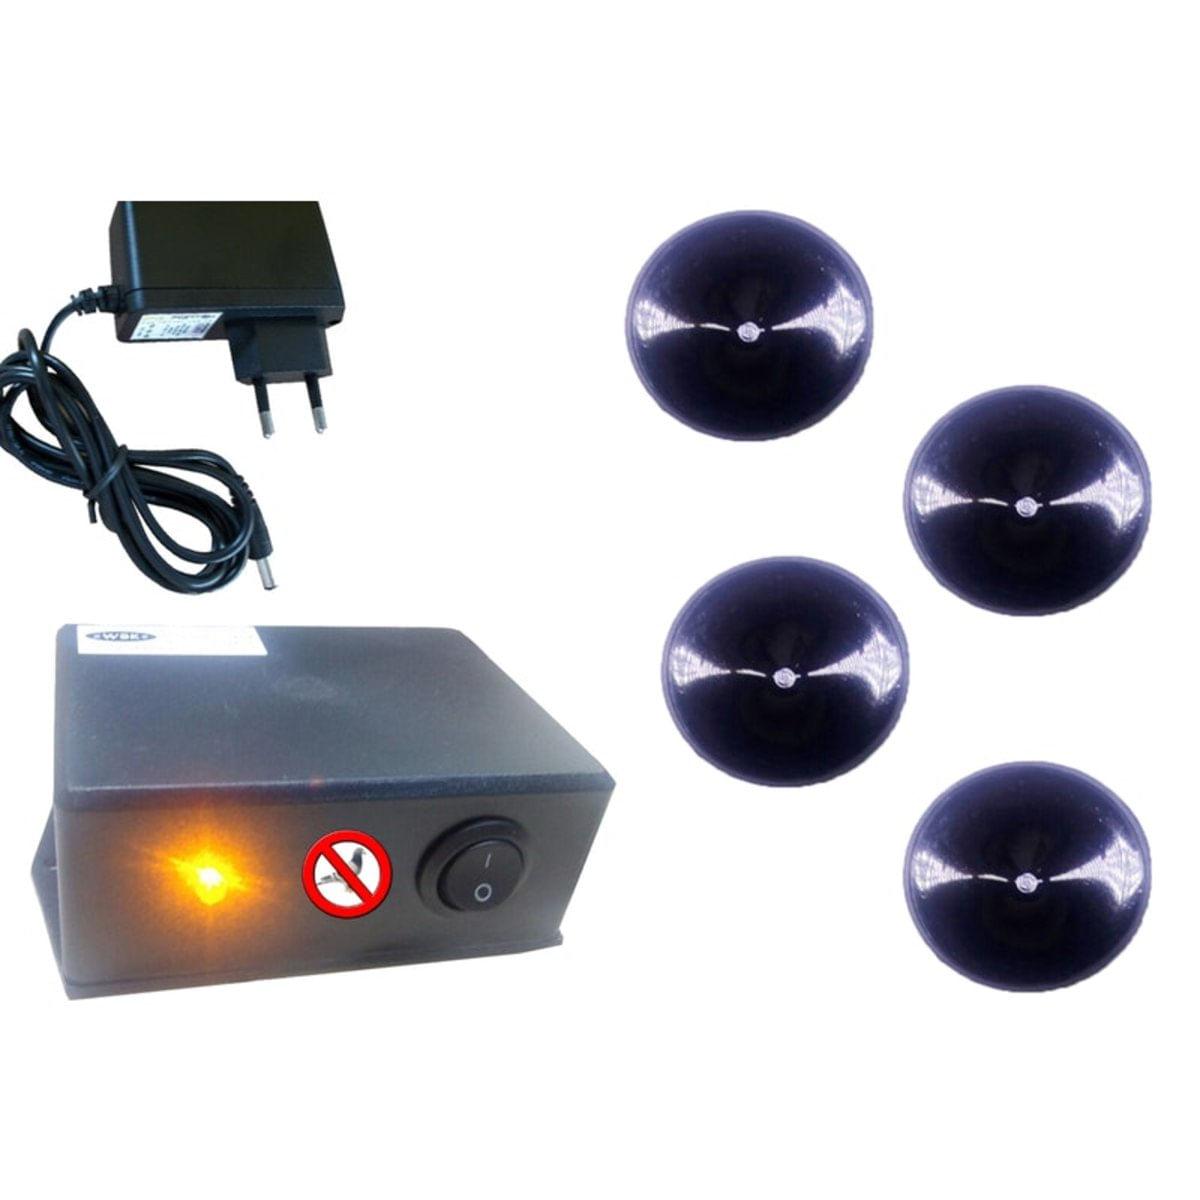 Repelente Eletrônico Espanta Pombos E Aves 4 Emissores 800M2